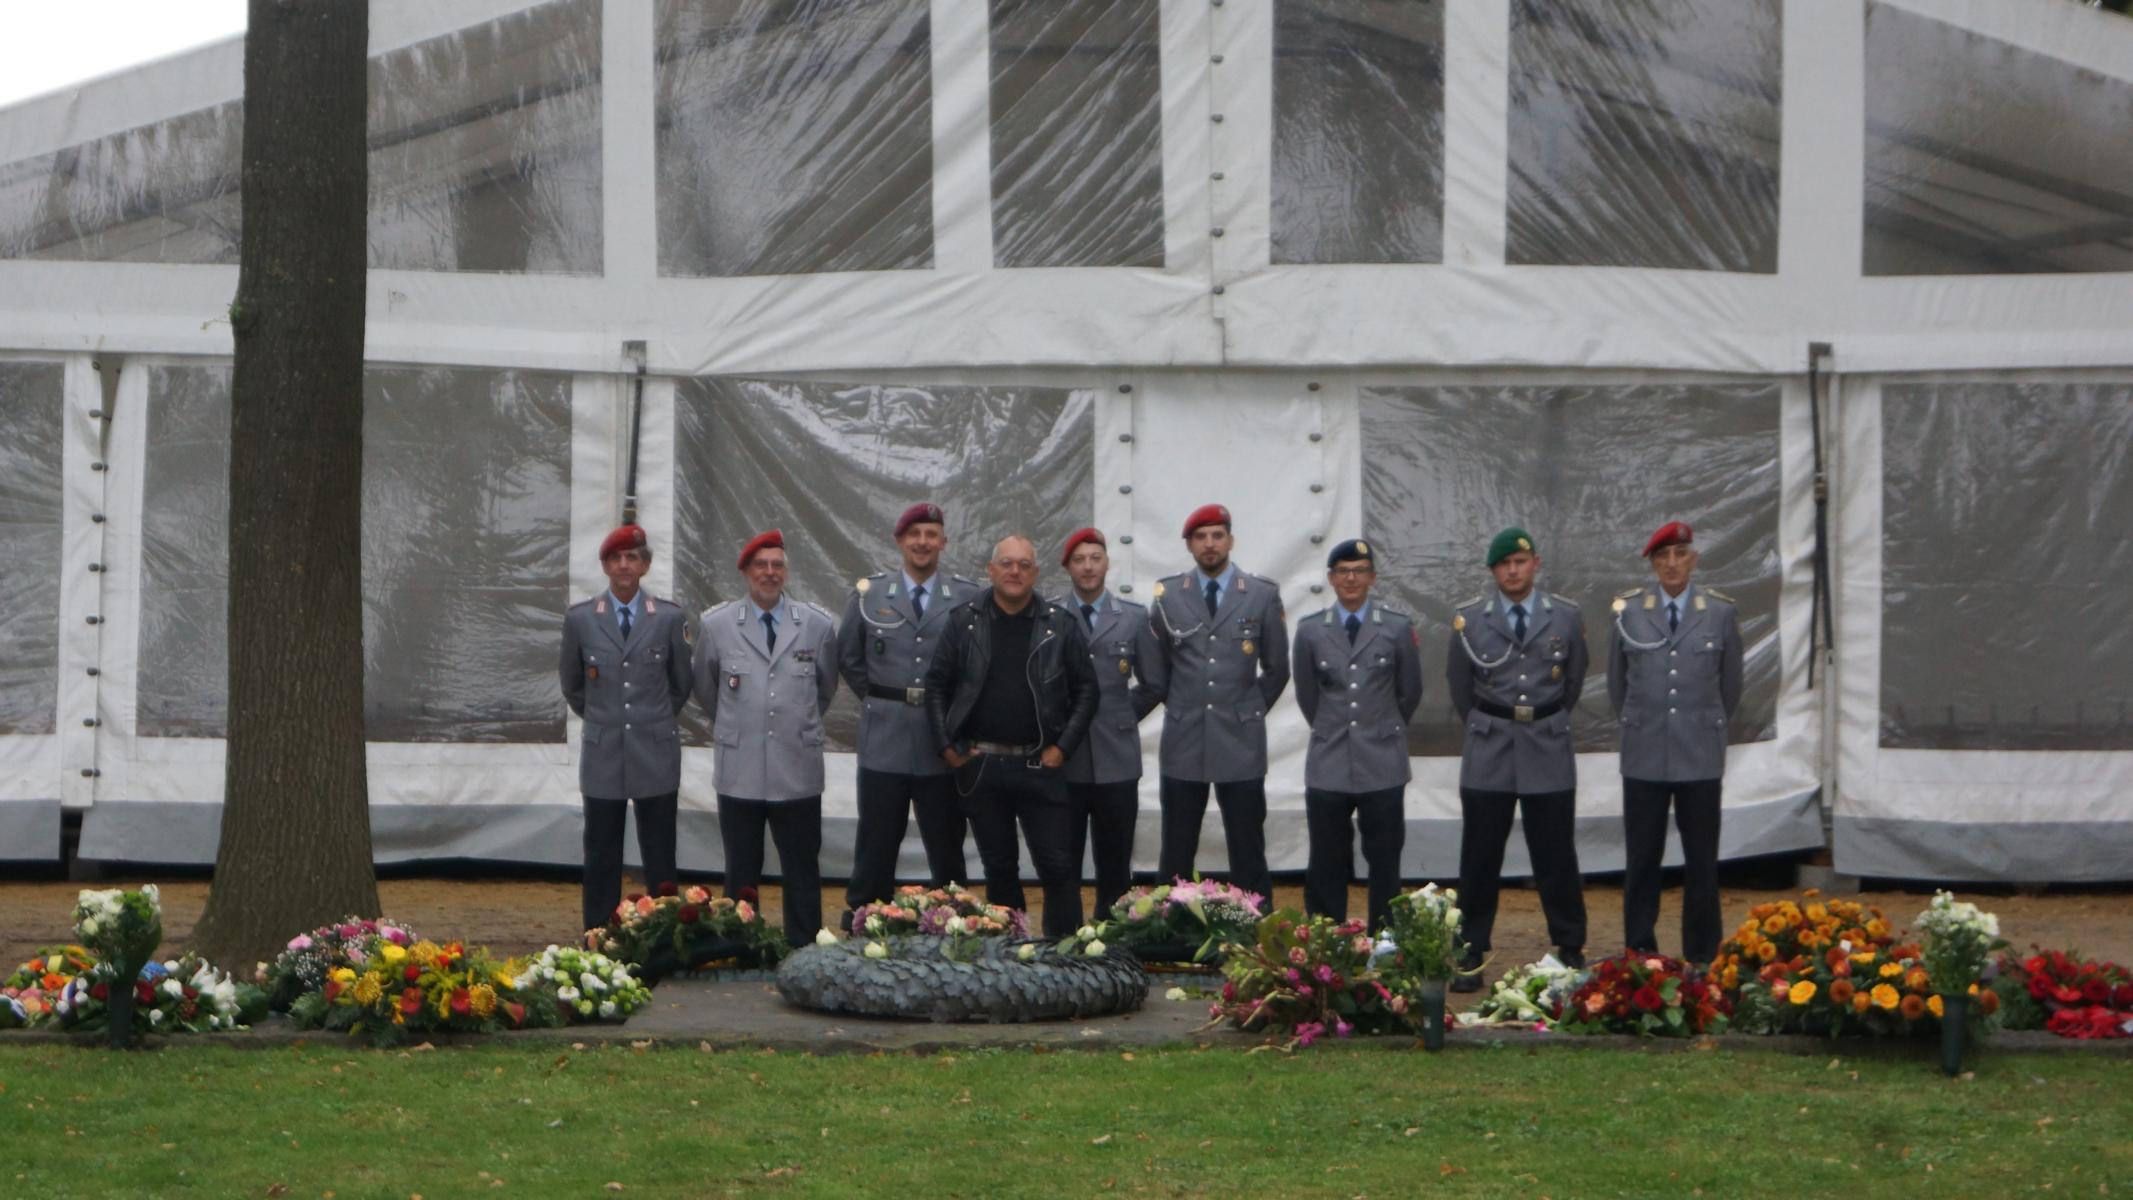 Die RK Kassel mit einem belgischen Soldaten und Historiker (schwarze Jacke)